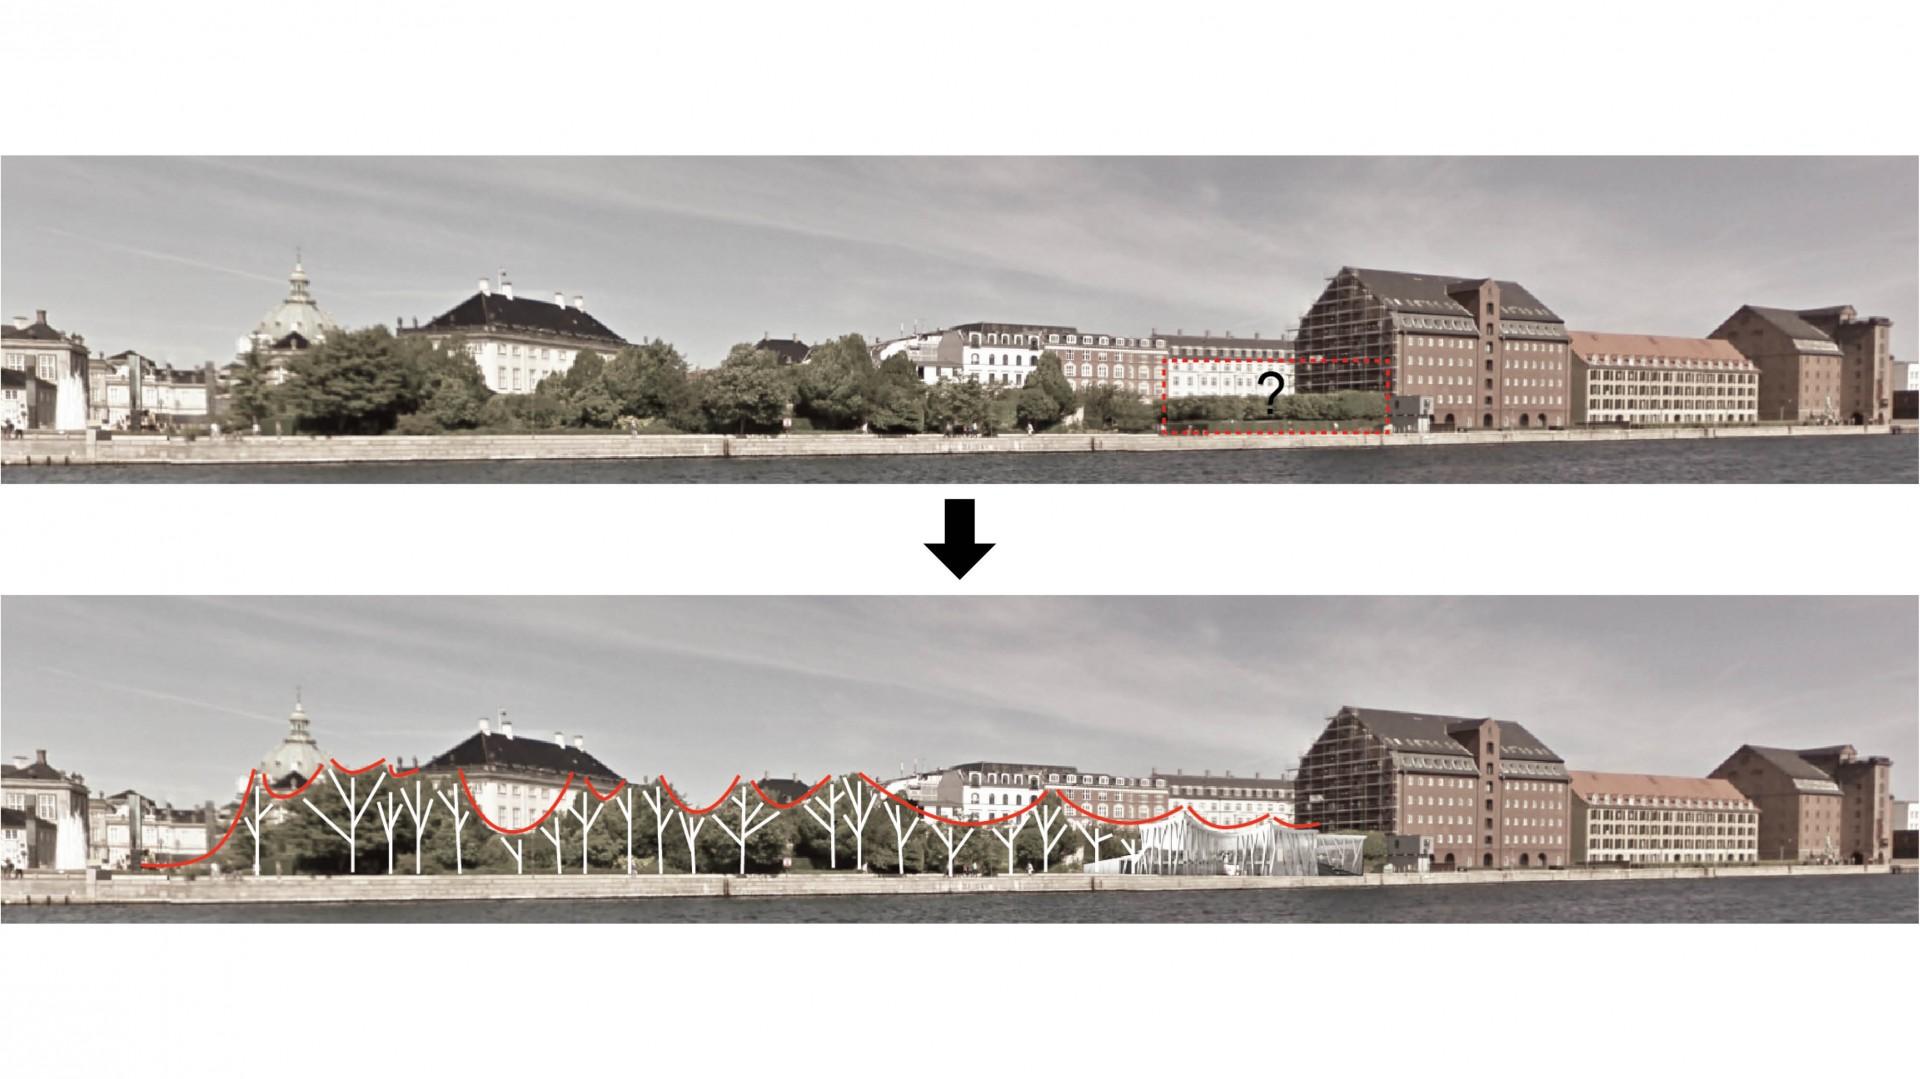 le projet s'inscrit comme une continuité du parc, élément fort du site.